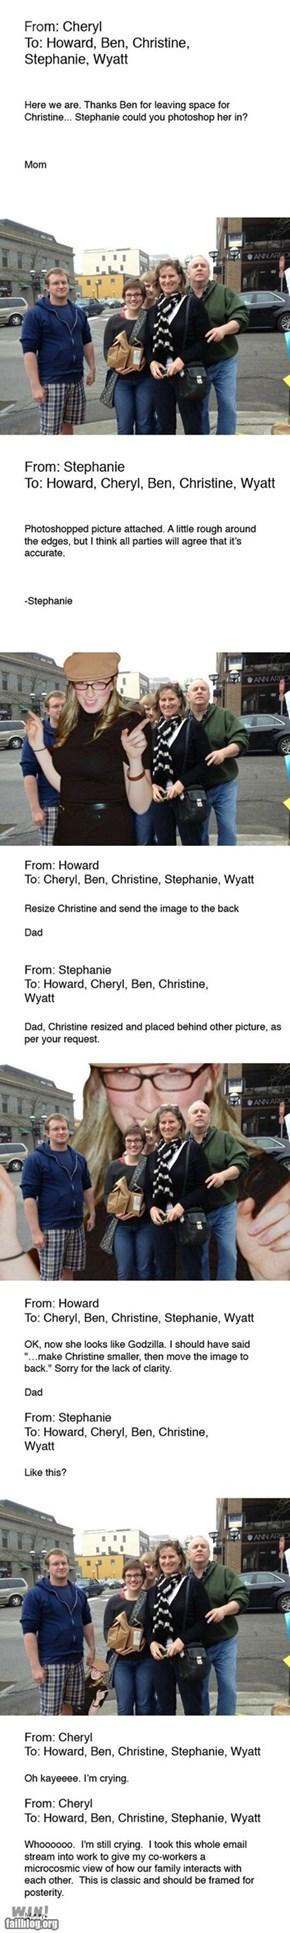 WIN!: Photoshop Trolling WIN